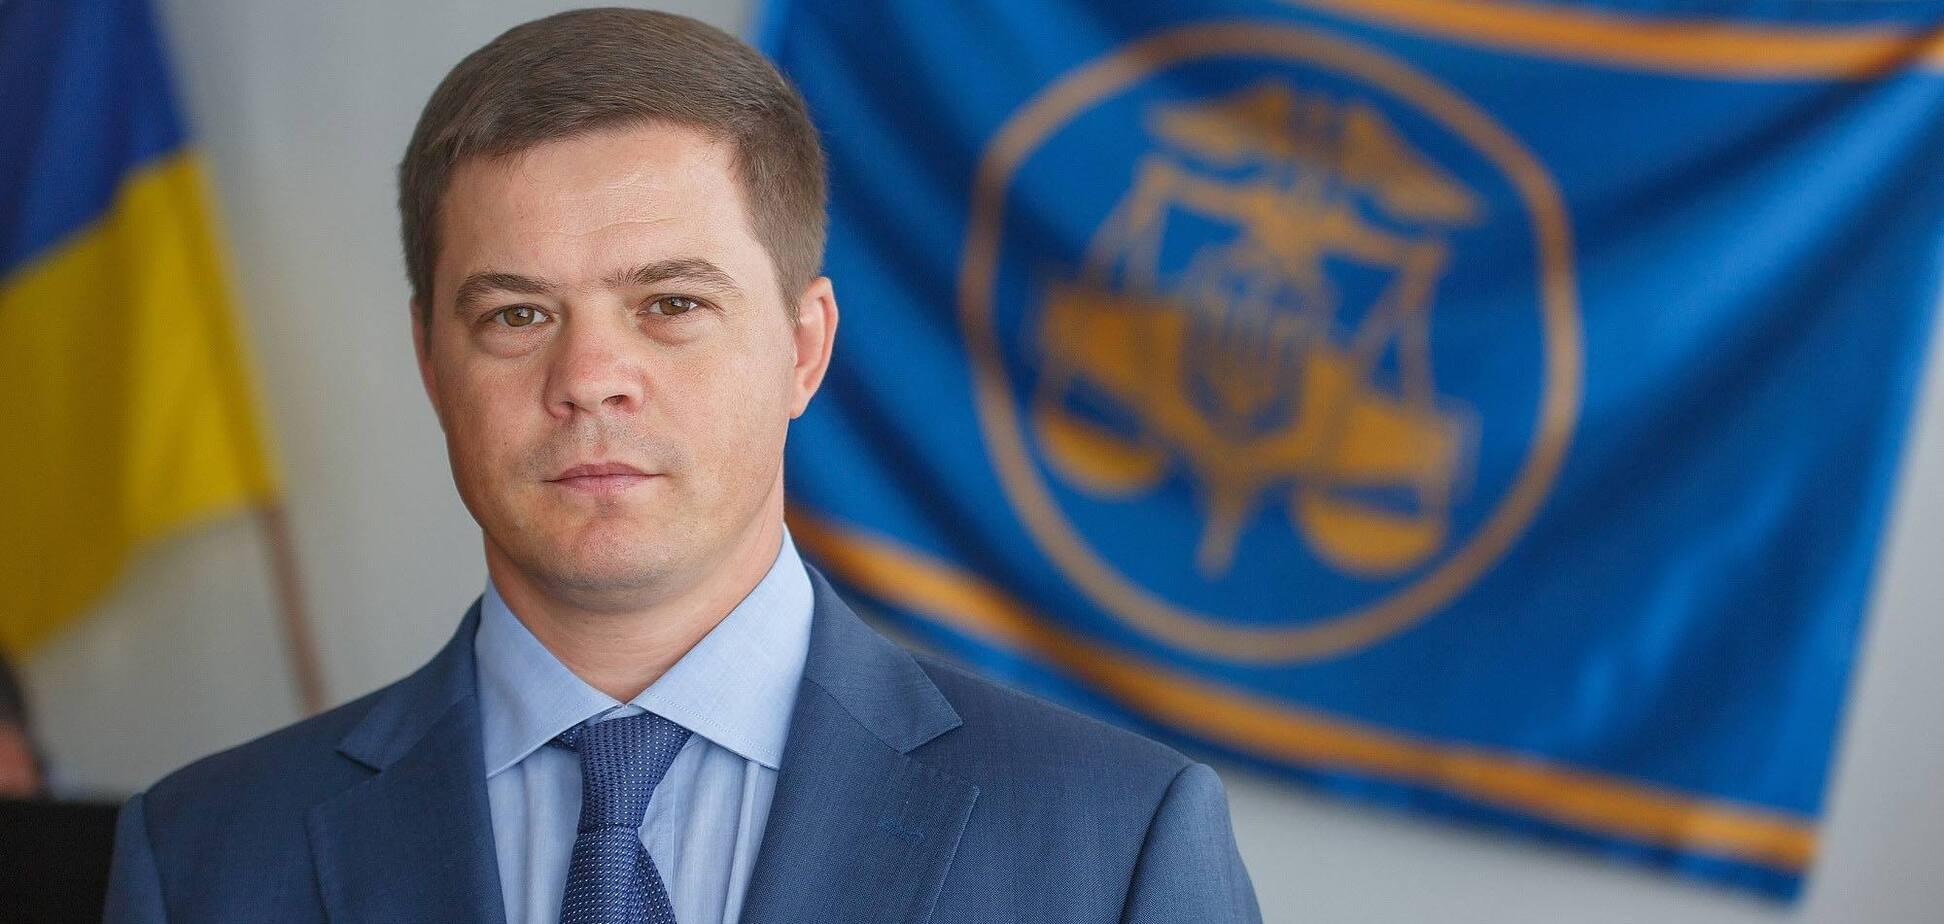 Руководитель киевской таможни выиграл суд против программы 'Гроші'